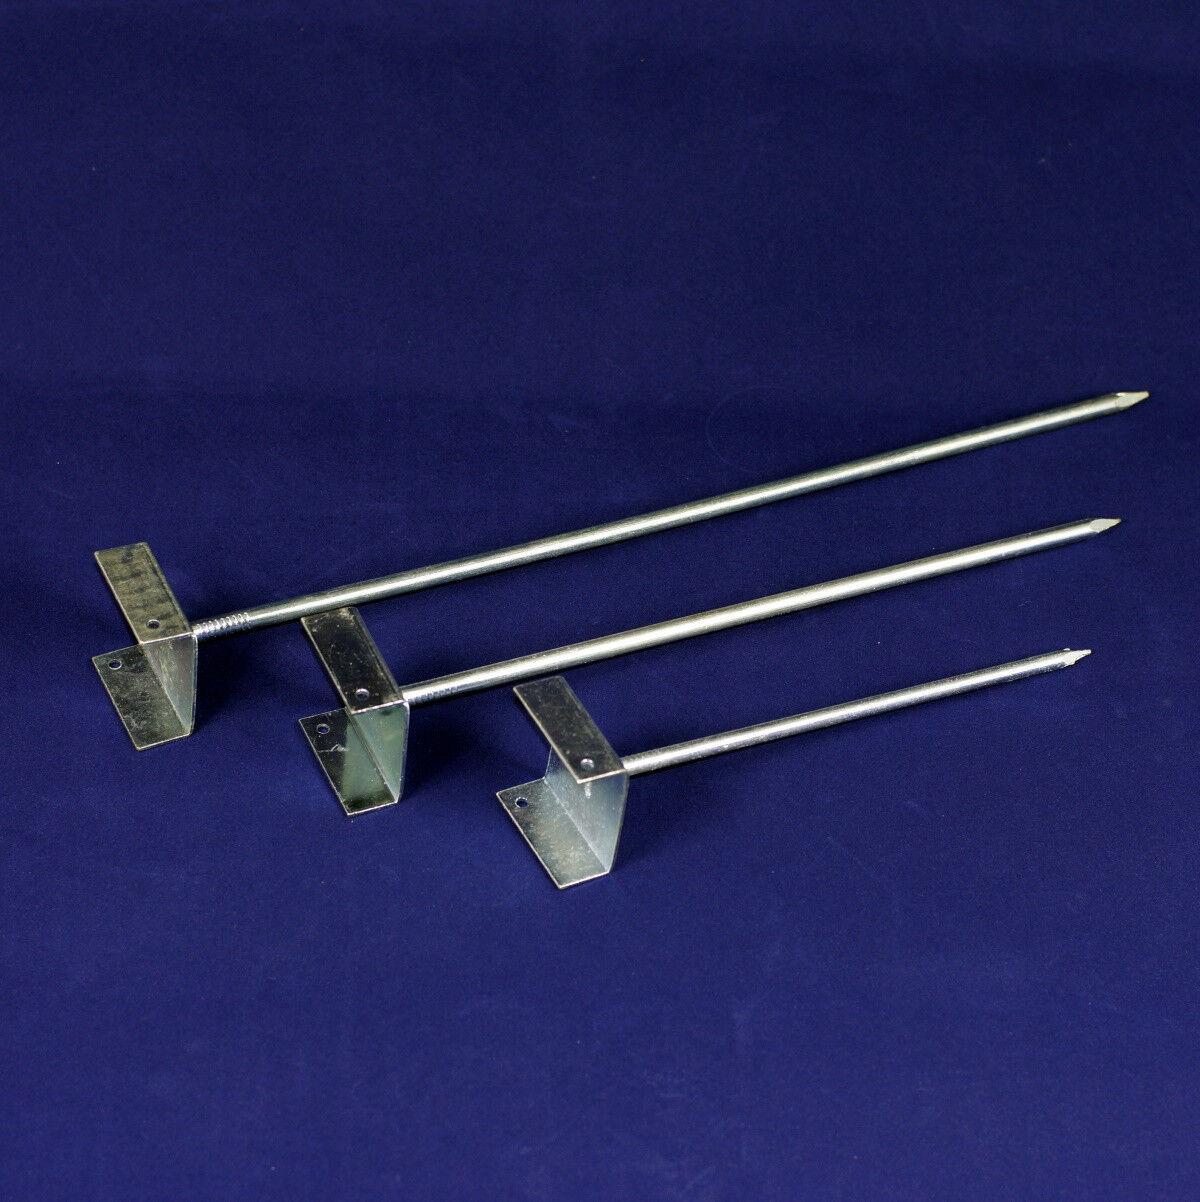 Firstnägel 210 310 410 mm verzinkt, Firstlattenhalter Firstlattennägel Gratnägel